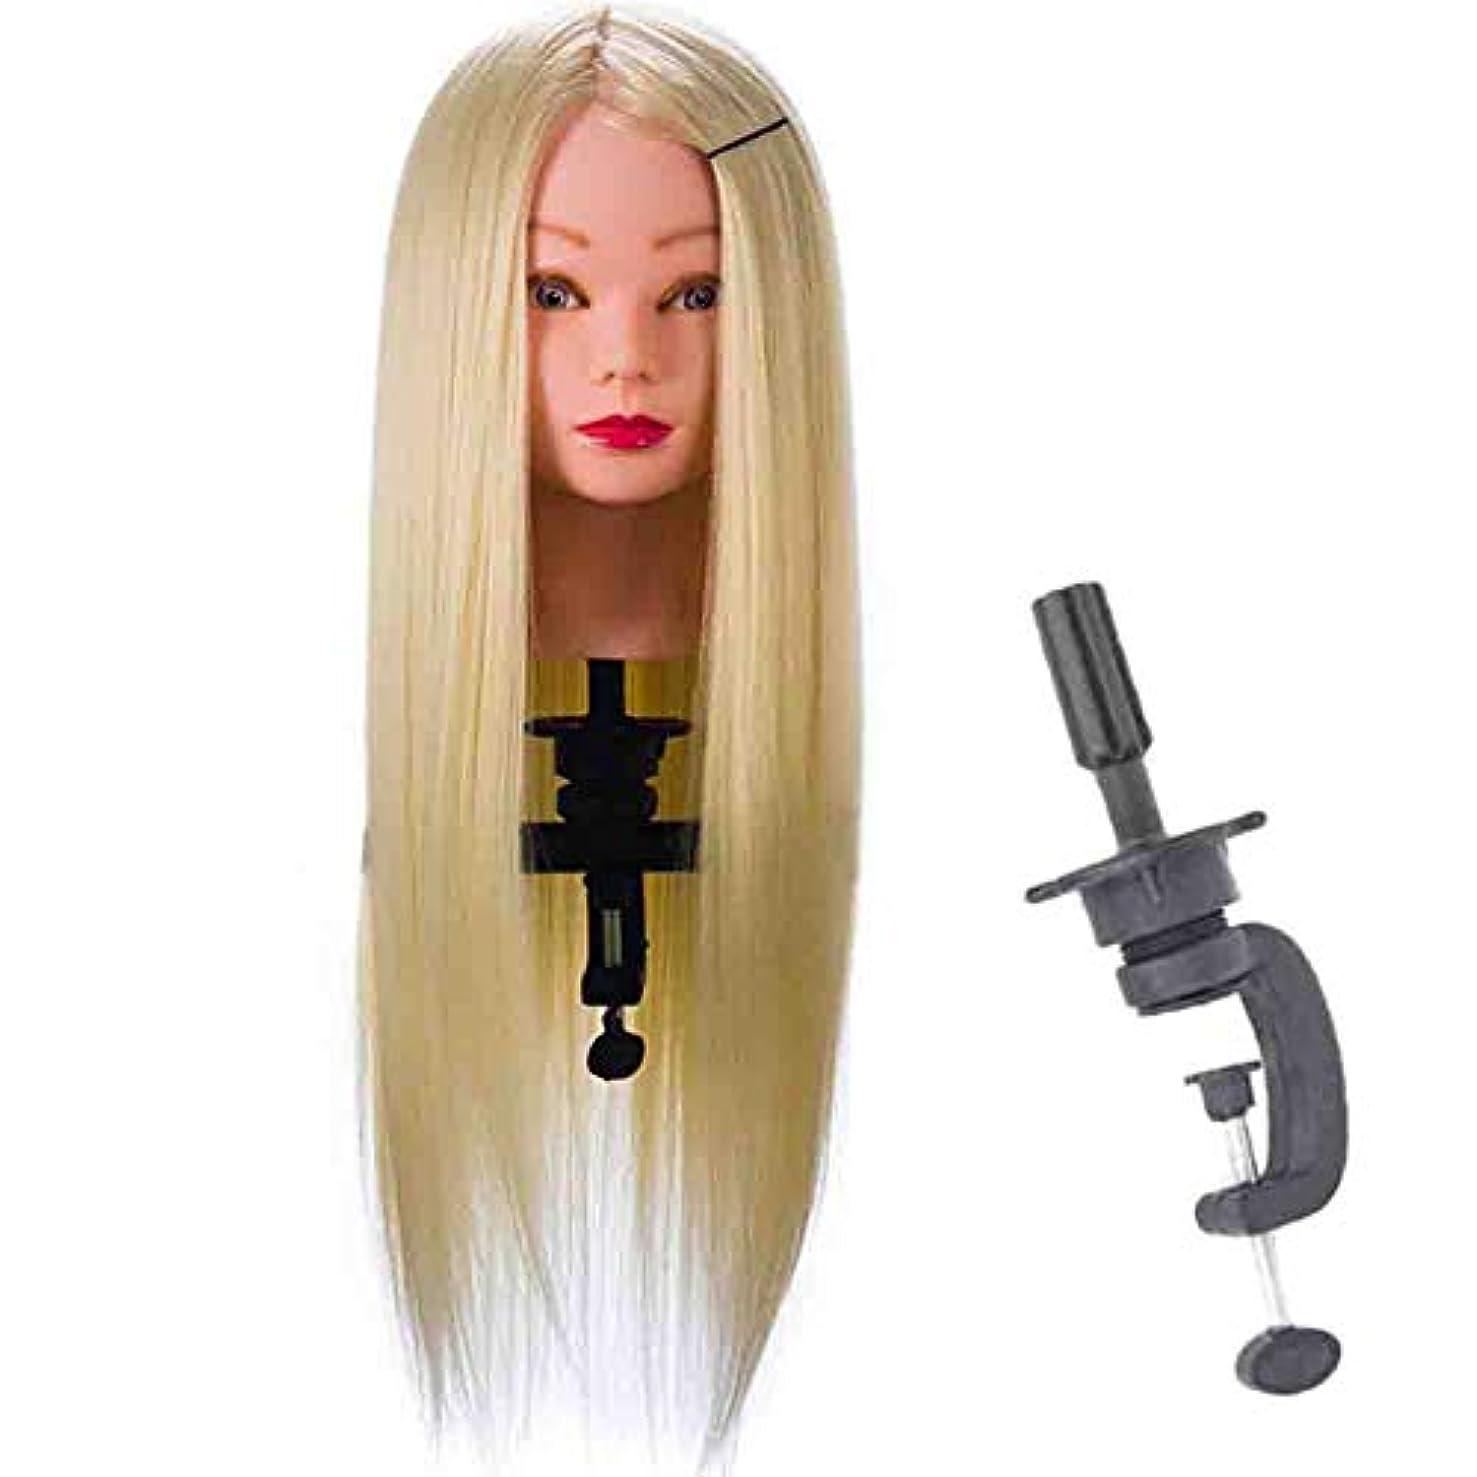 再集計流産くつろぐシミュレーションウィッグヘッドダイドールヘッドモデルエクササイズディスクヘアブレードヘアメイクスタイリングヘアサロンダミーマネキンヘッド